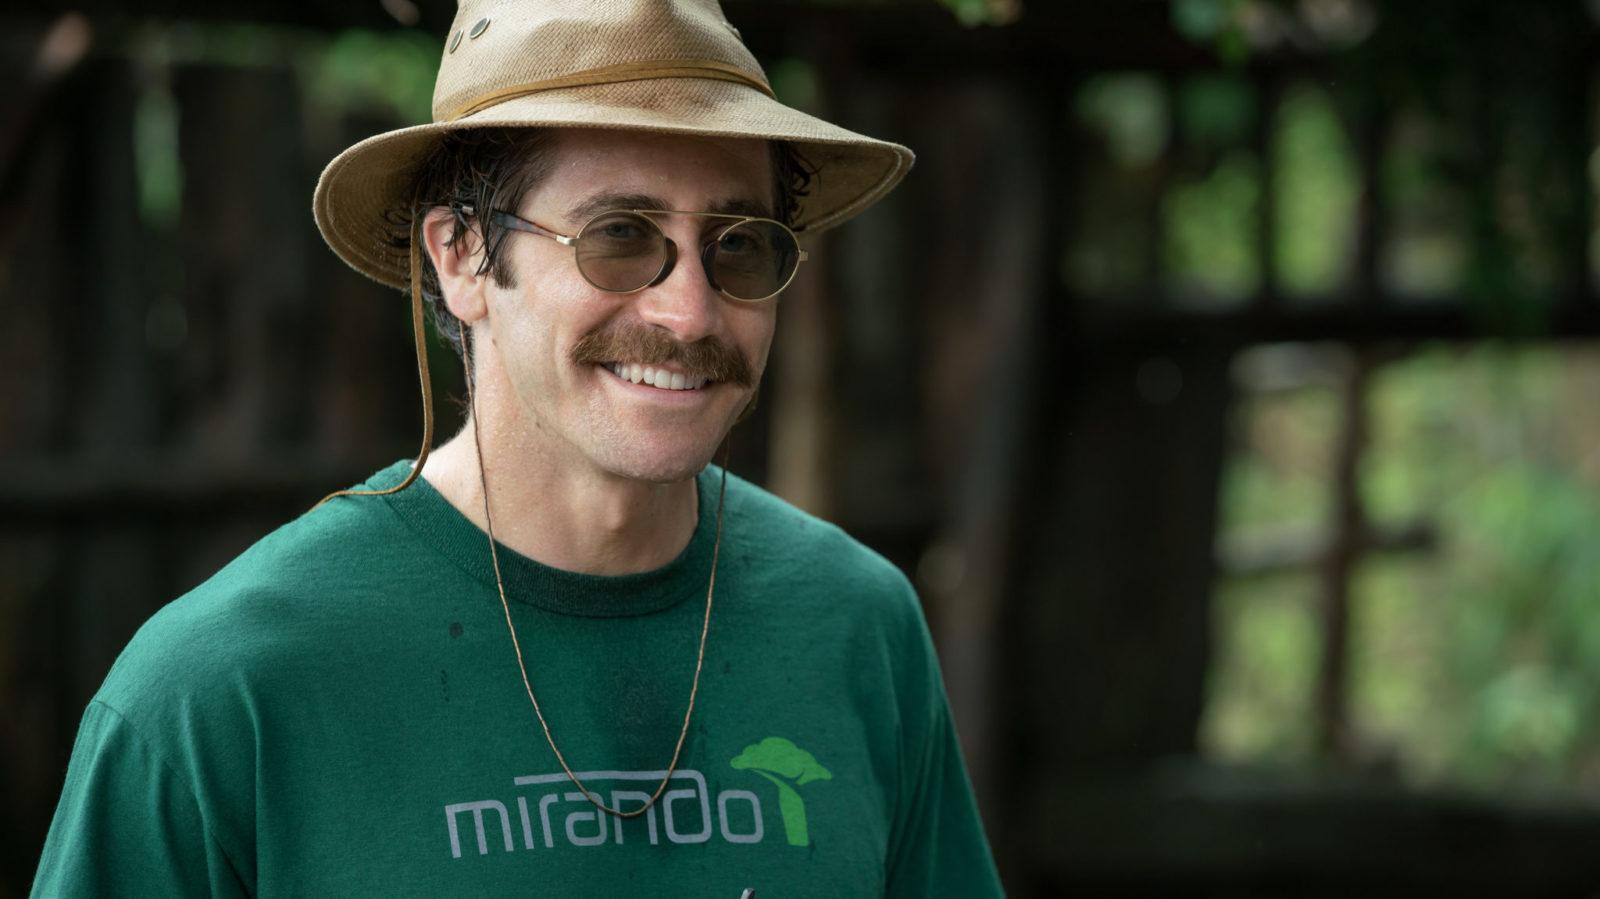 Mężczyzna ubrany w kapelusz w stylu safari, ubrany w zieloną bluzę